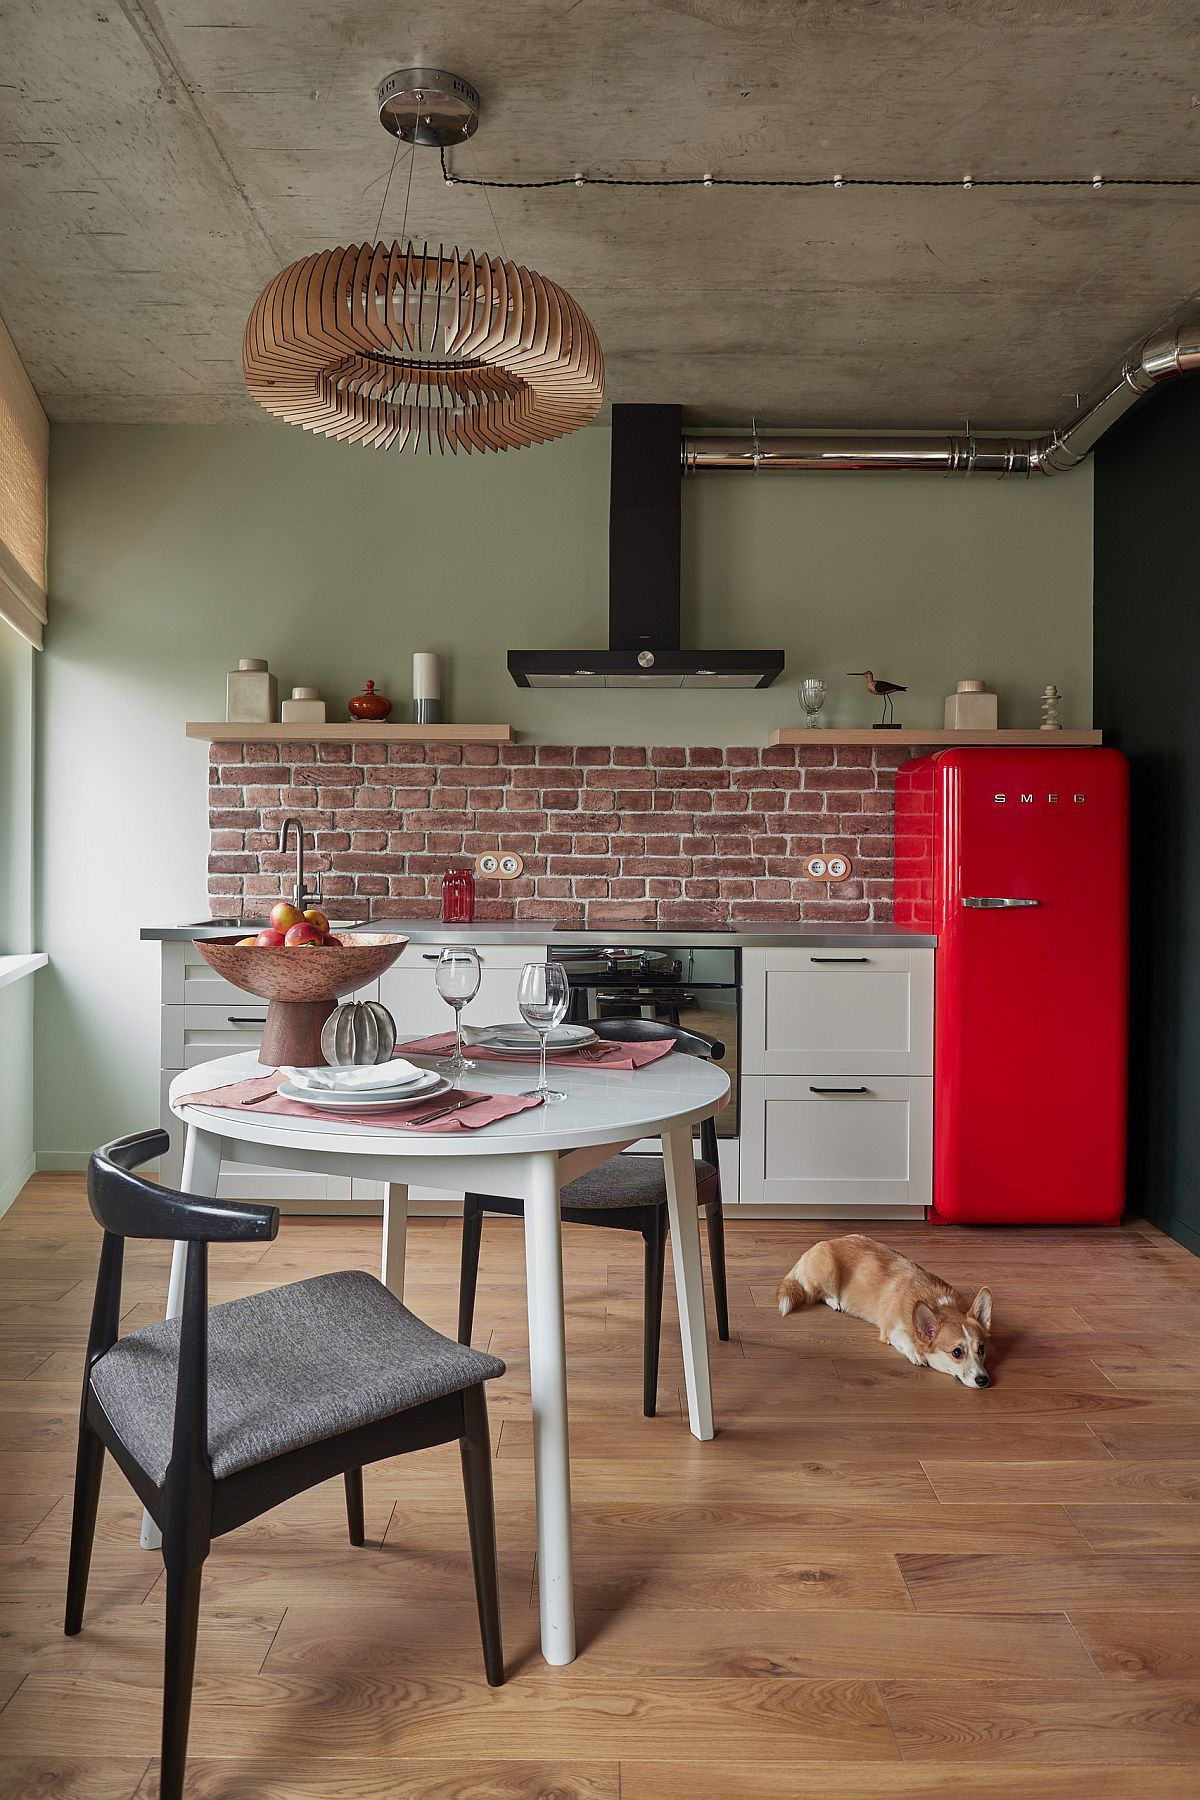 Gợi ý thiết kế căn bếp nhỏ xịn sò với những bức tường gạch trần duyên dáng - Ảnh 11.